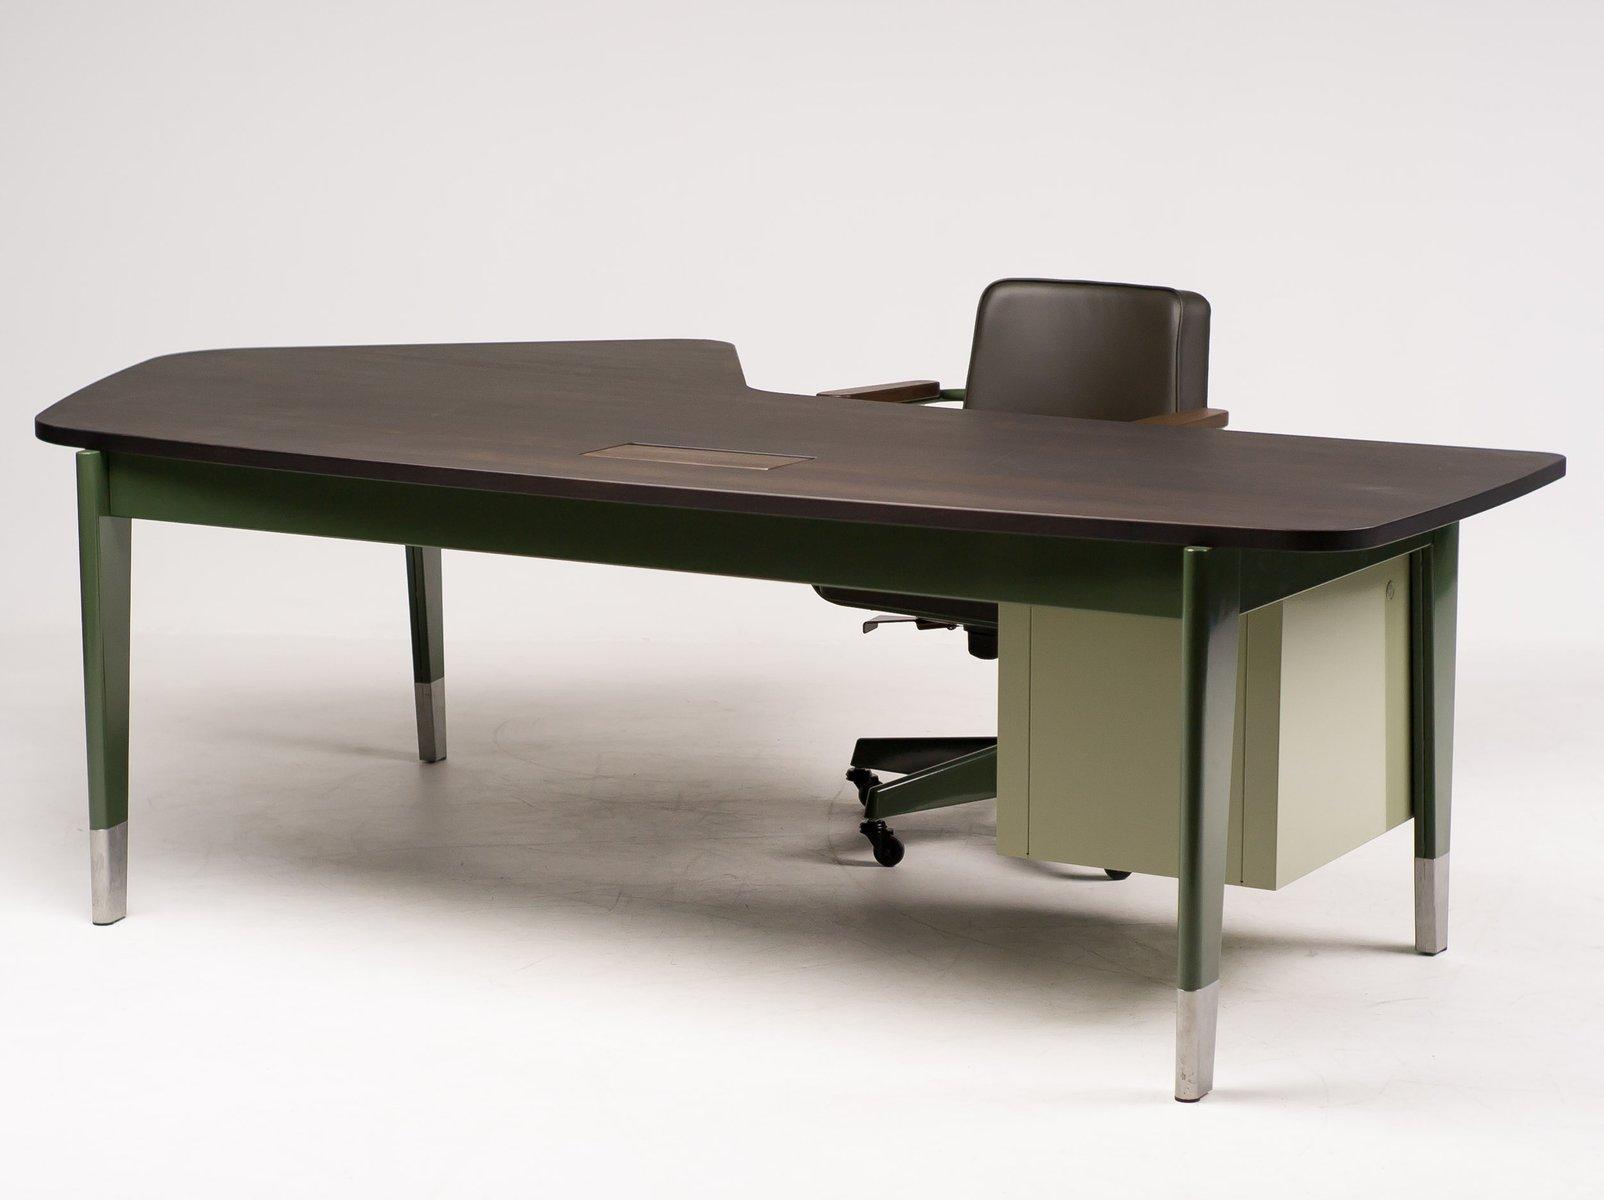 g star raw edition pr sidence schreibtisch von jean prouv f r vitra 2015 bei pamono kaufen. Black Bedroom Furniture Sets. Home Design Ideas